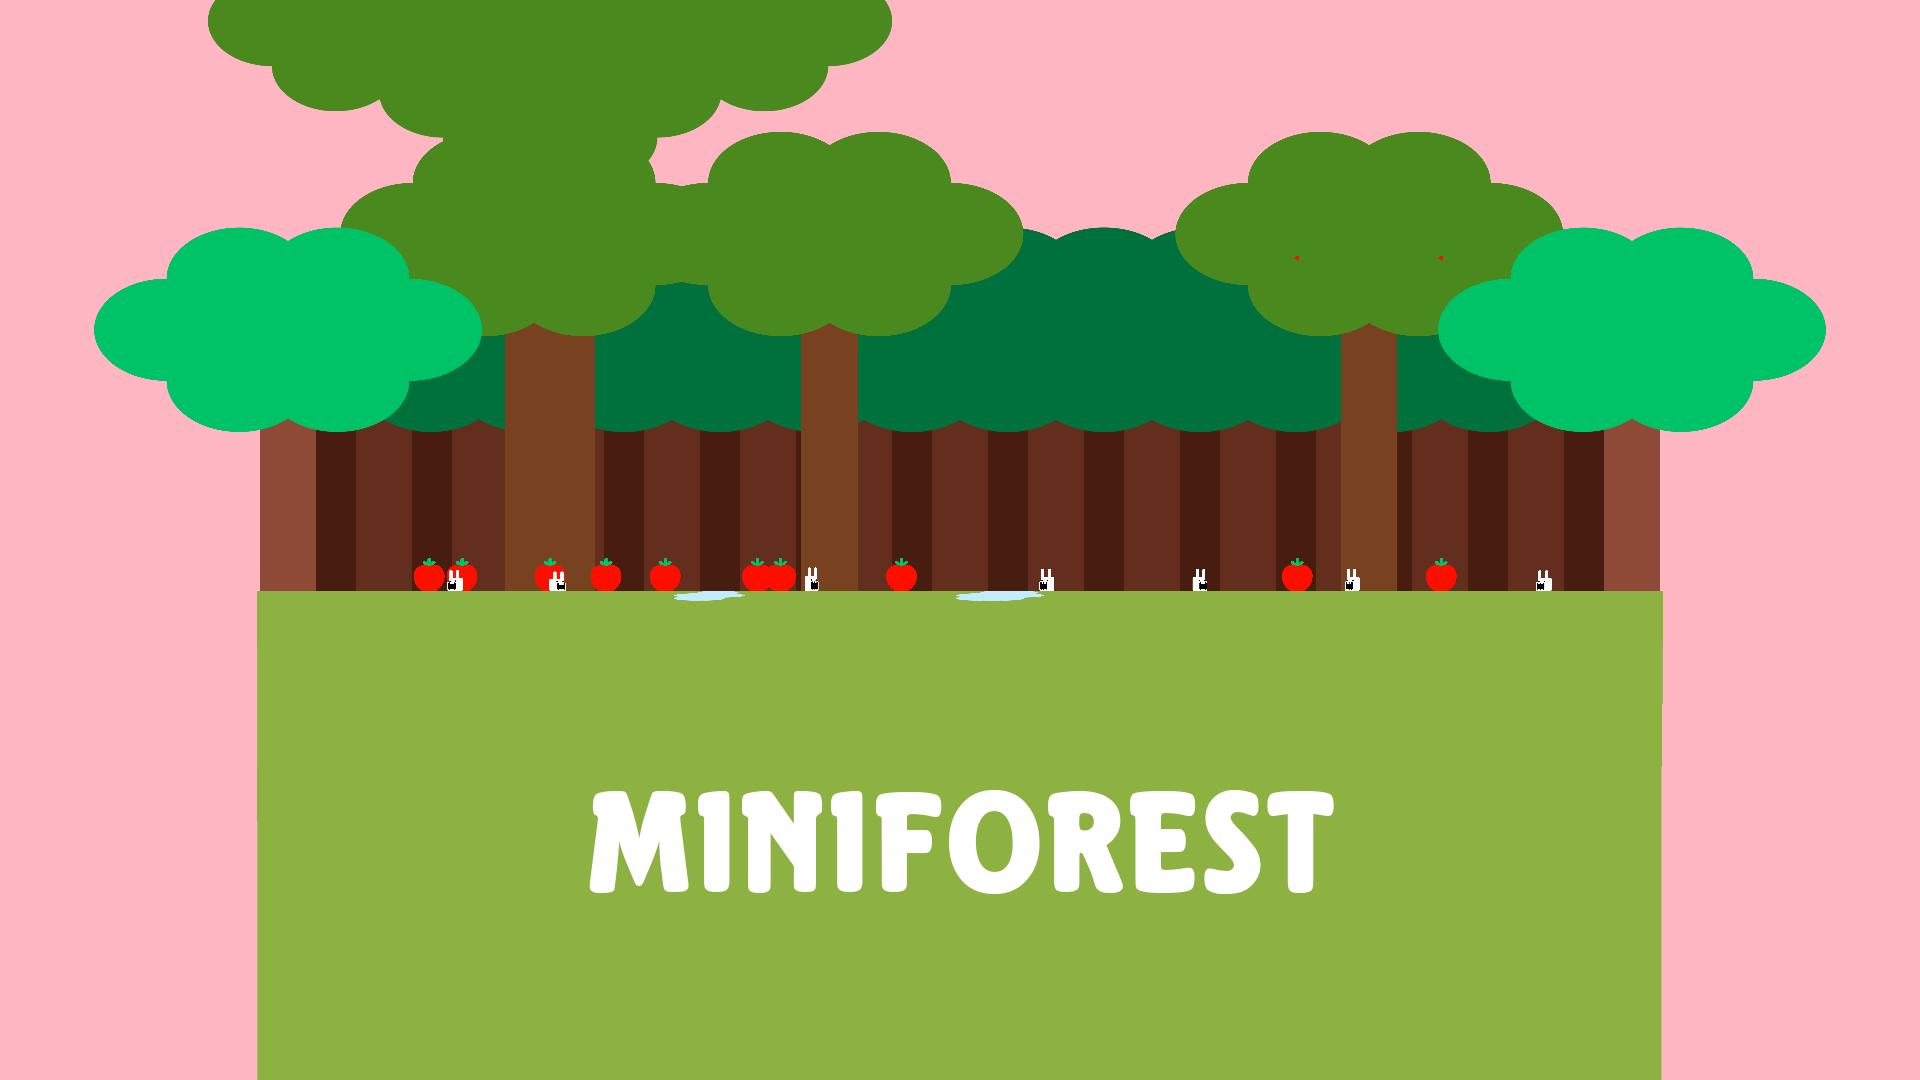 Miniforest